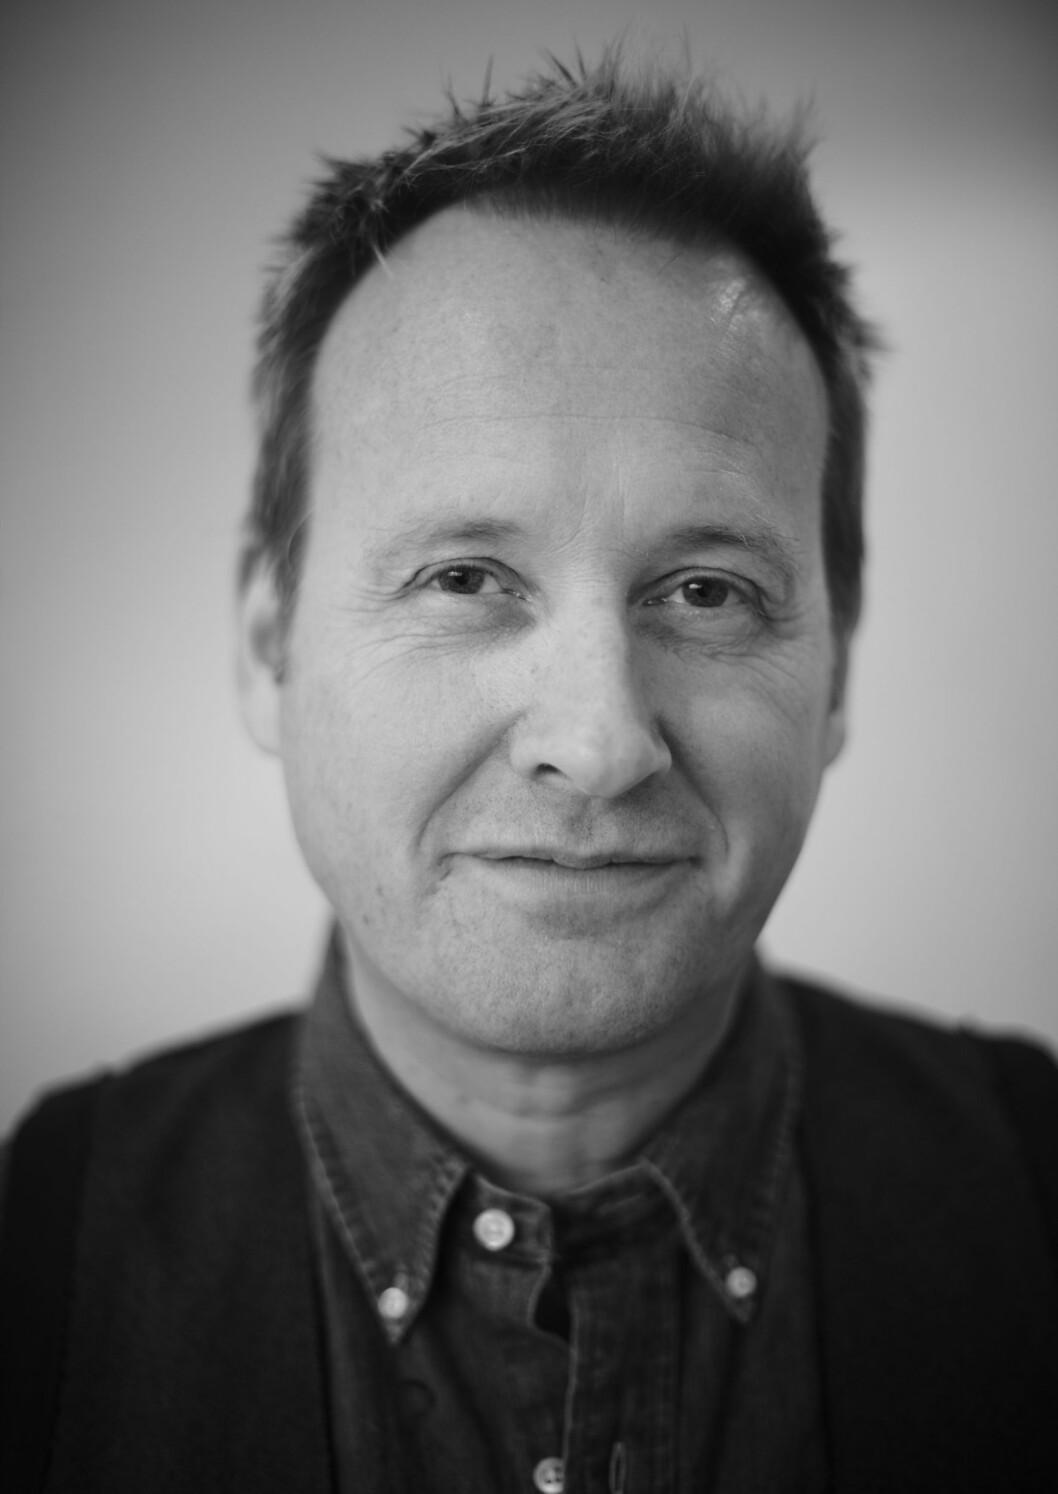 TV-AKTUELL: Neste år kan Sigvart feire 30 års jubileum som artist. Enn så lenge varmer han opp som deltager i  «Hver gang vi møtes» på TV2, med sesongpremiere på lørdag.  portrett  Sigvart Dagsland   Foto: Geir Dokken